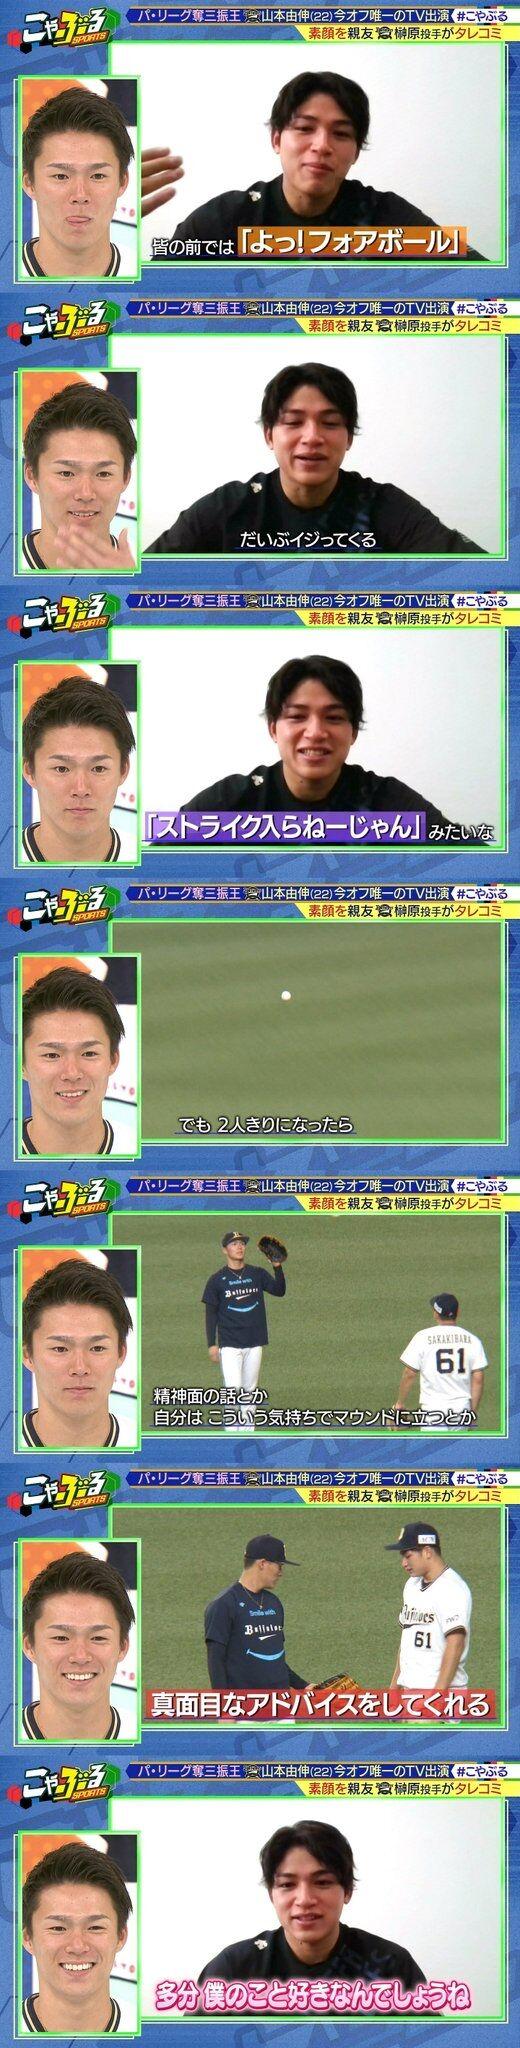 山本由伸さん、榊原へ「よっフォアボール!」